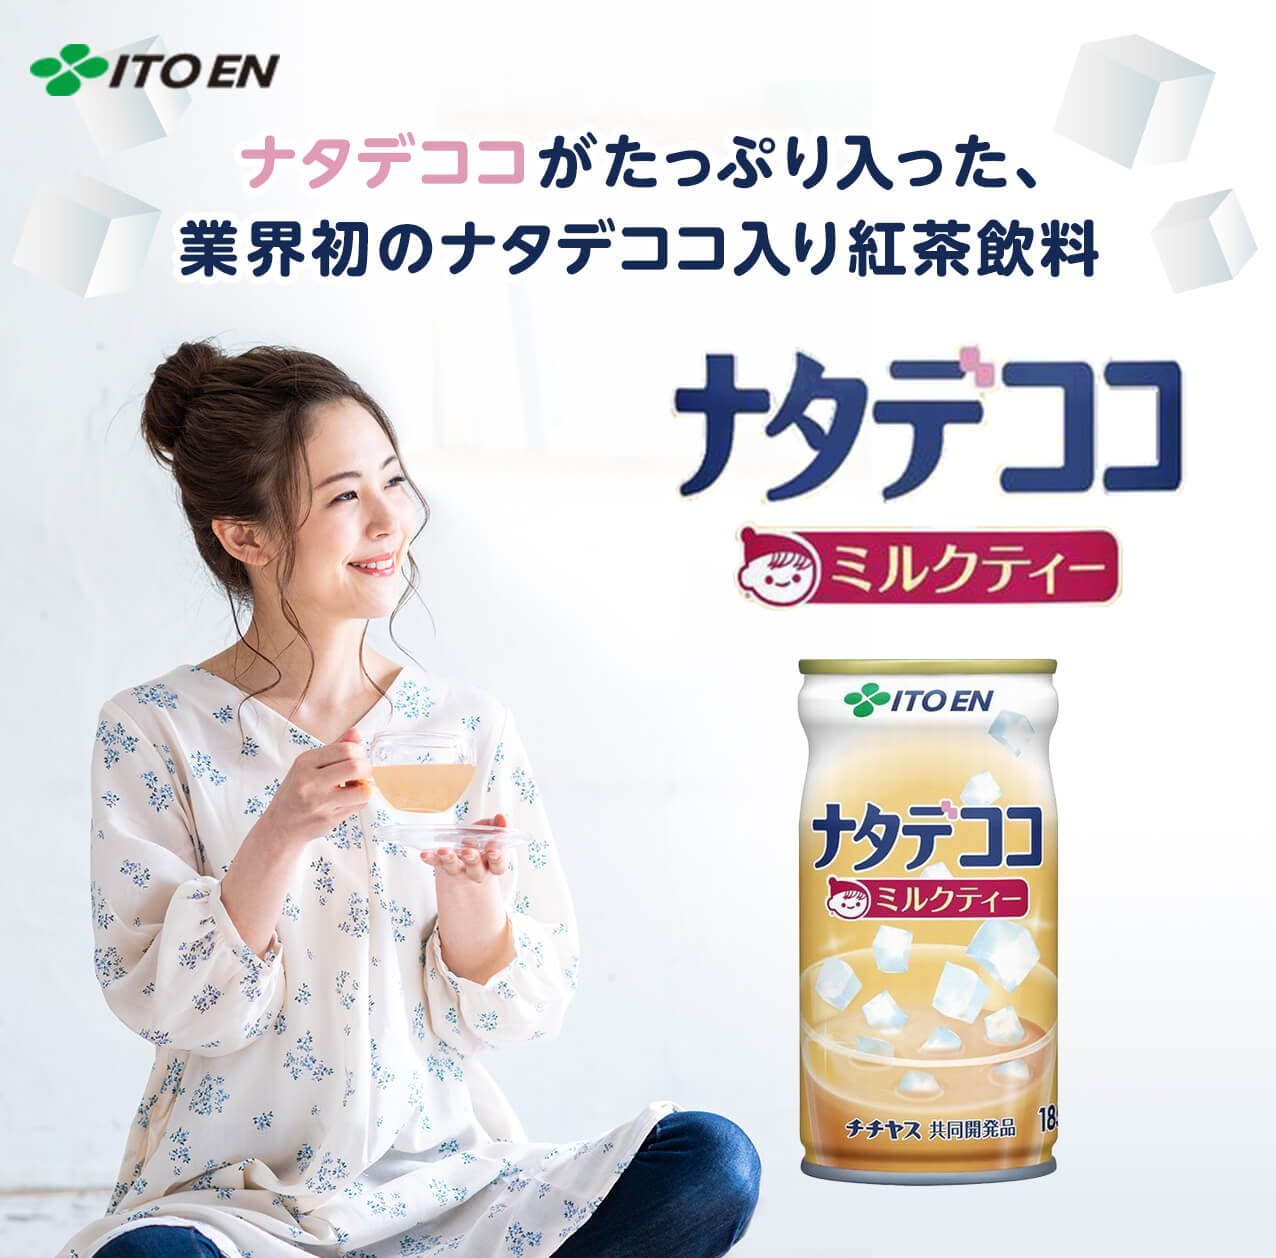 ナタデココがたっぷり入った、業界初のナタデココ入り紅茶飲料 ナタデココ ミルクティー